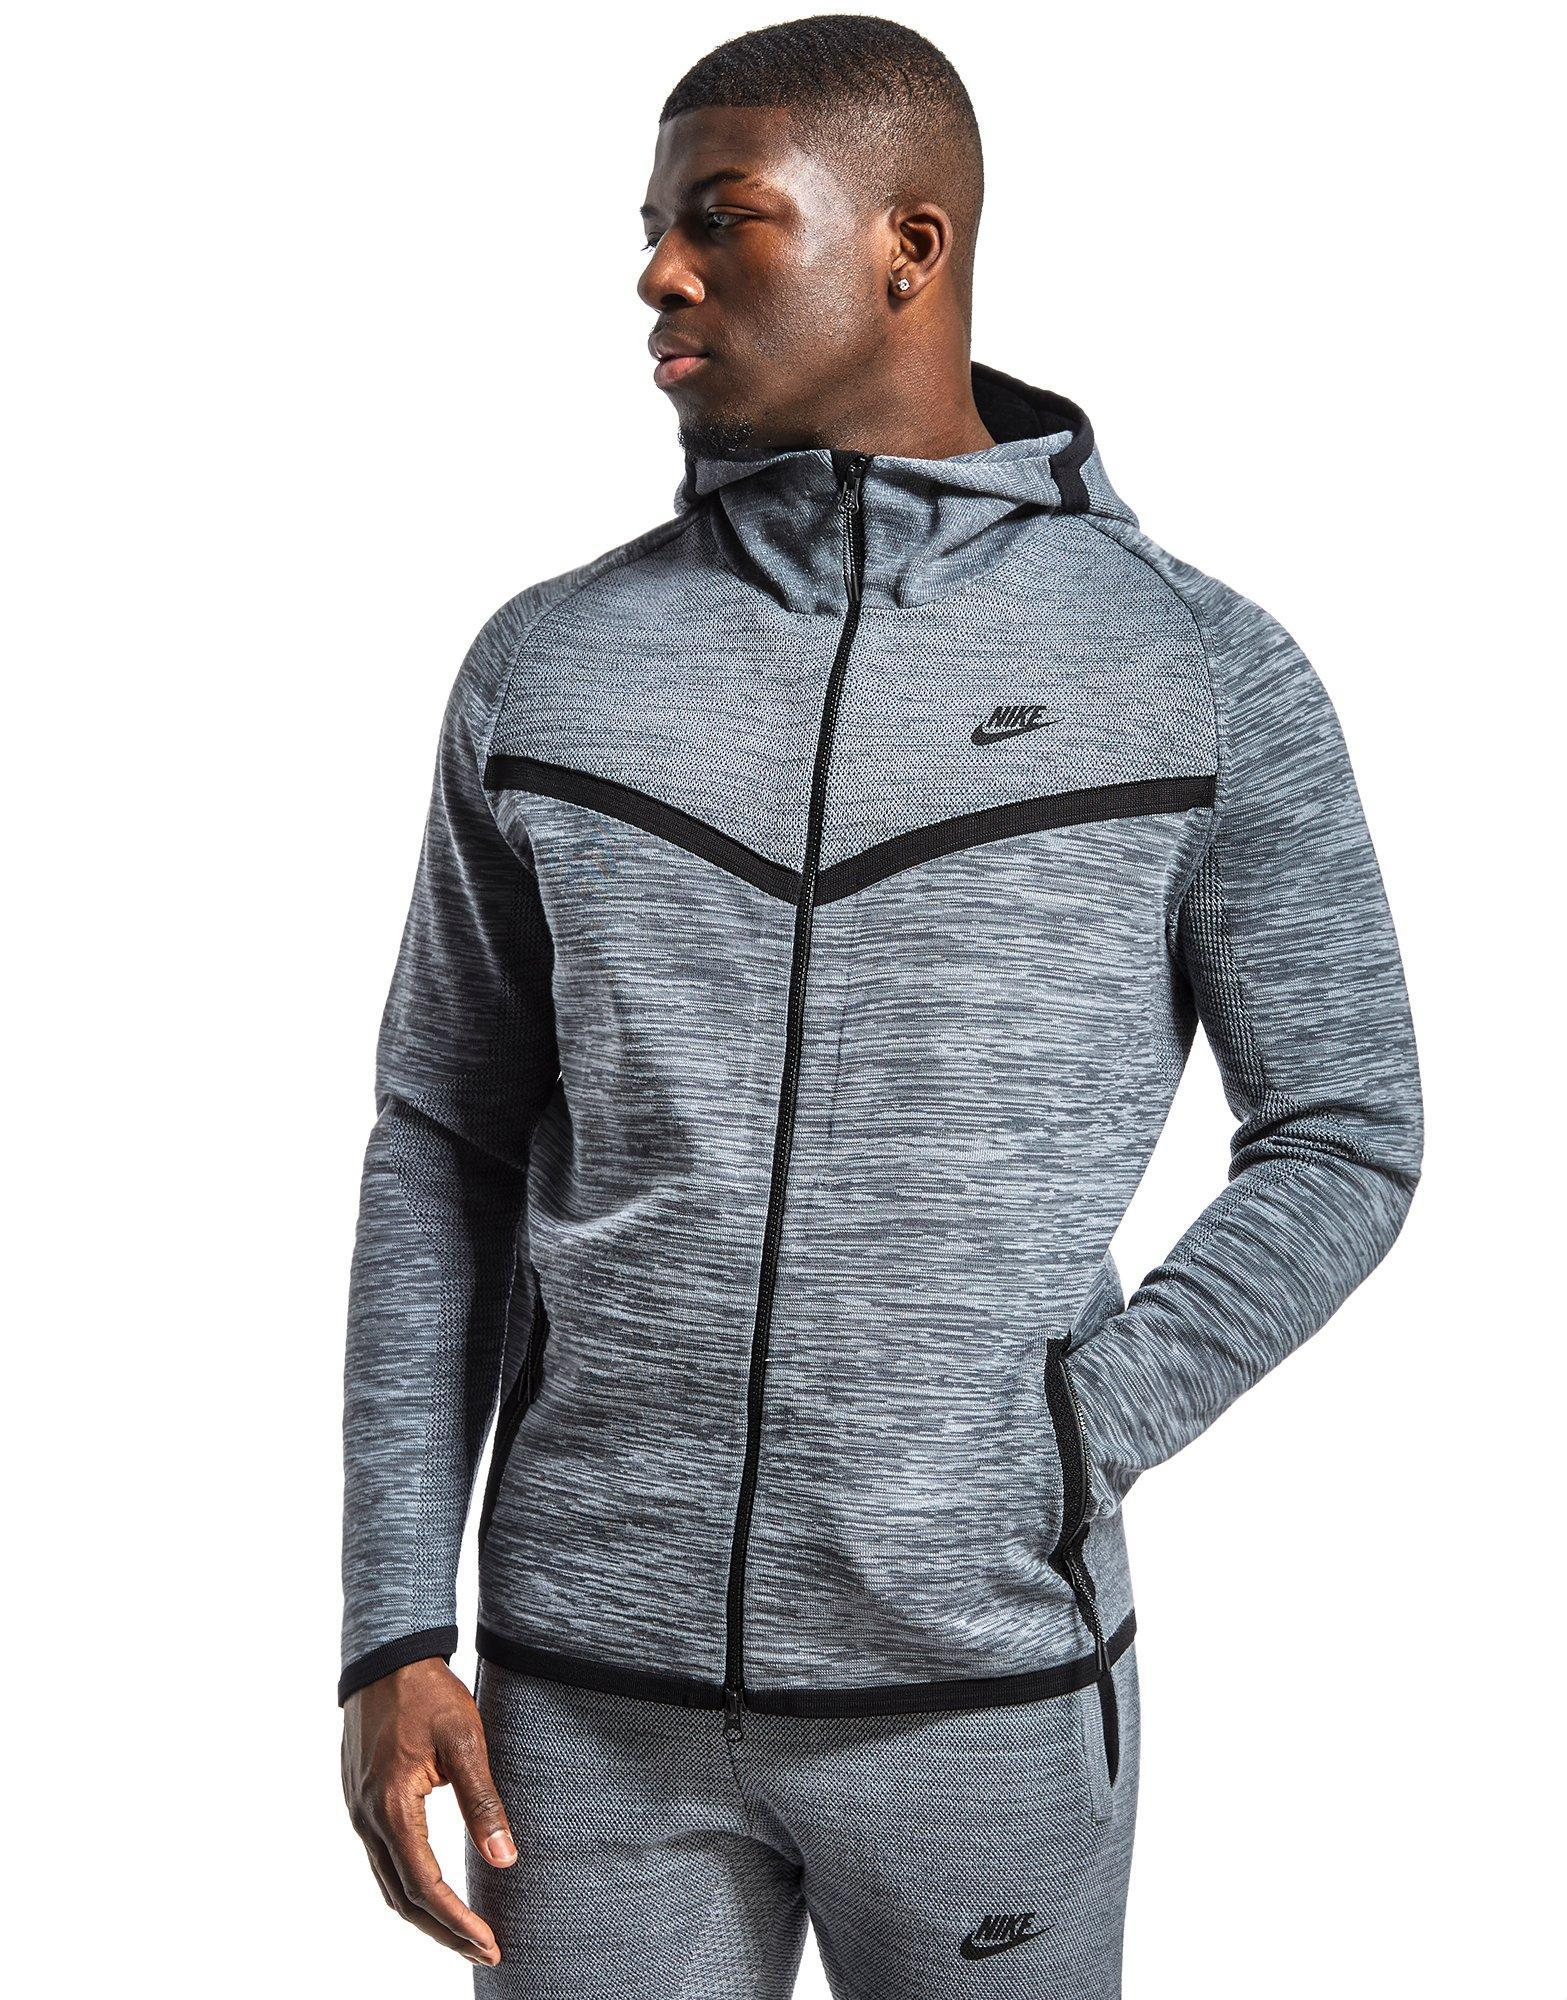 Nike Tech Knit Windrunner in Gray for Men - Lyst 1ebd3d87f